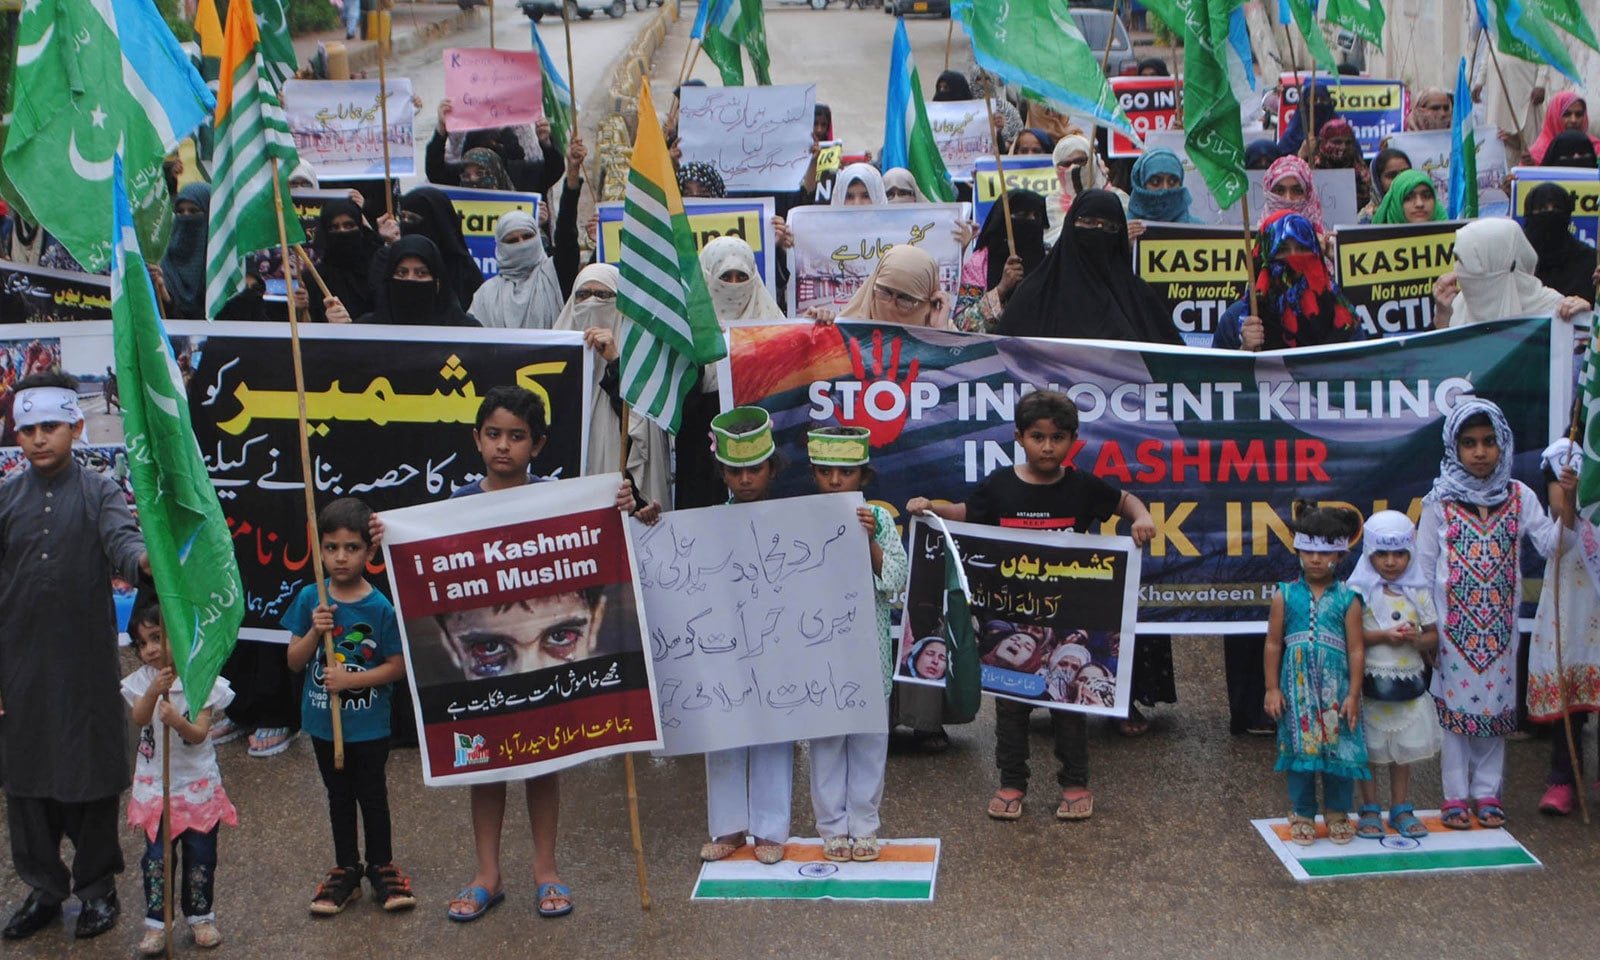 مقبوضہ کشمیر کے عوام سے اظہار یکجہتی کے لیے  دن 12 سے ساڑھے 12 بجے  تک  کشمیر آورمنایا گیا — فوٹو: اے پی